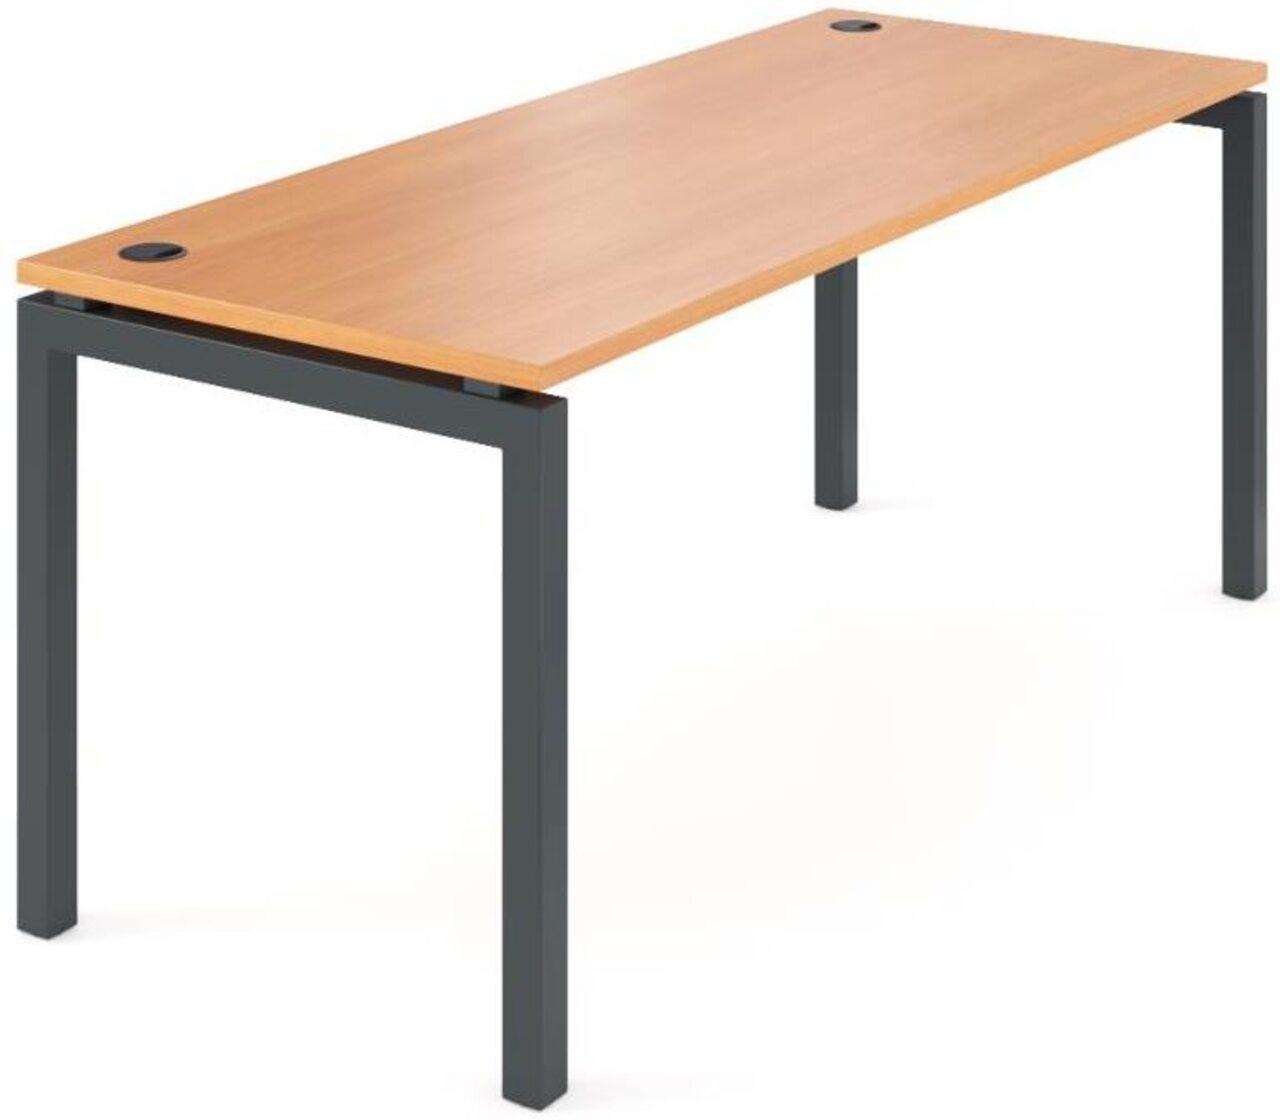 Стол рабочий на металлокаркасе  Арго 180x73x76 - фото 2